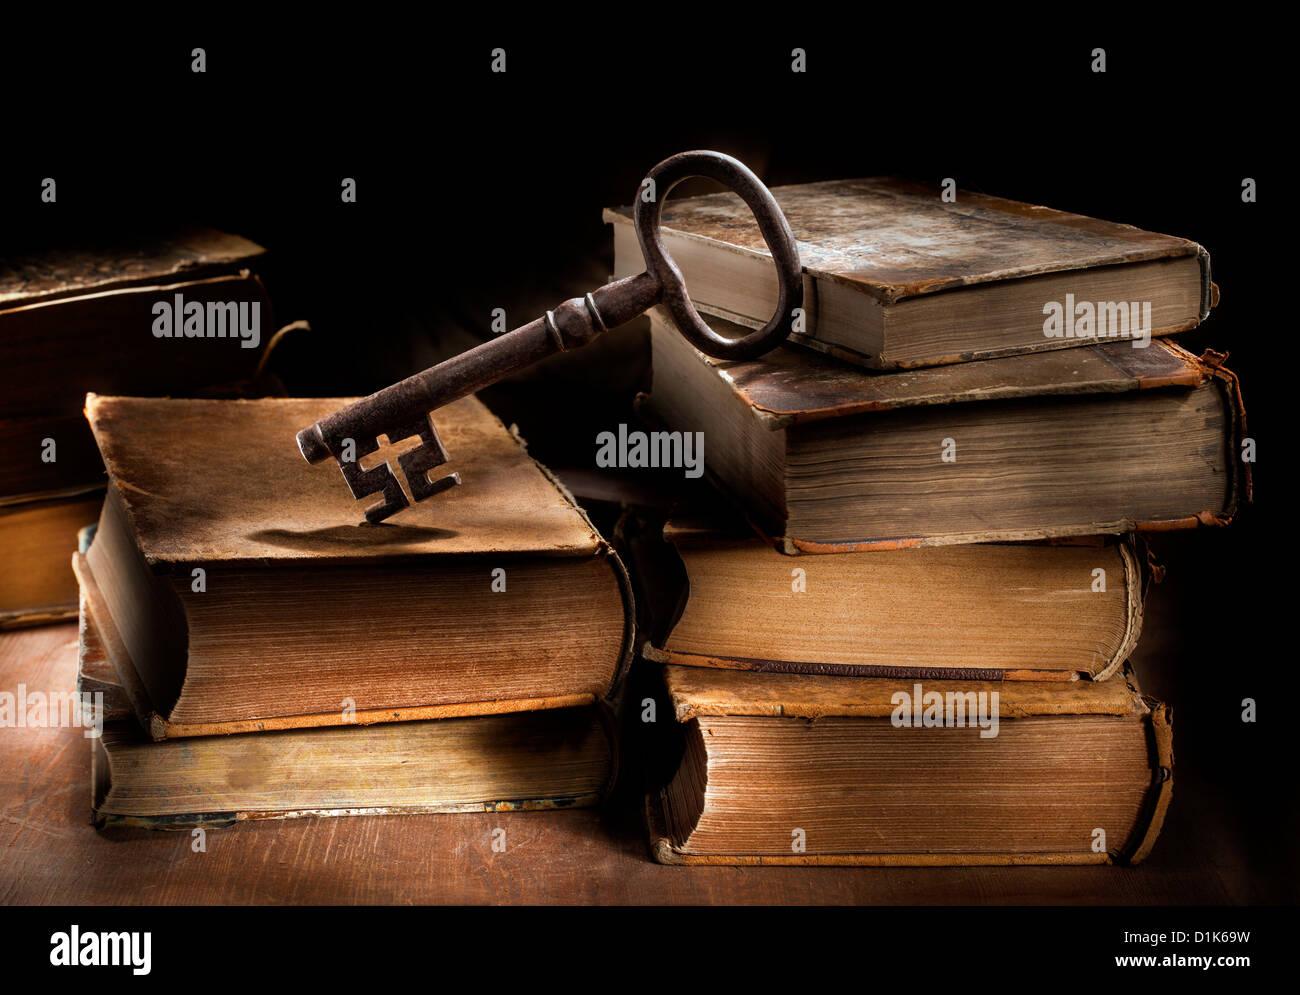 Still life imagen conceptual de viejos libros antiguos y una gran llave antigua. Imagen De Stock